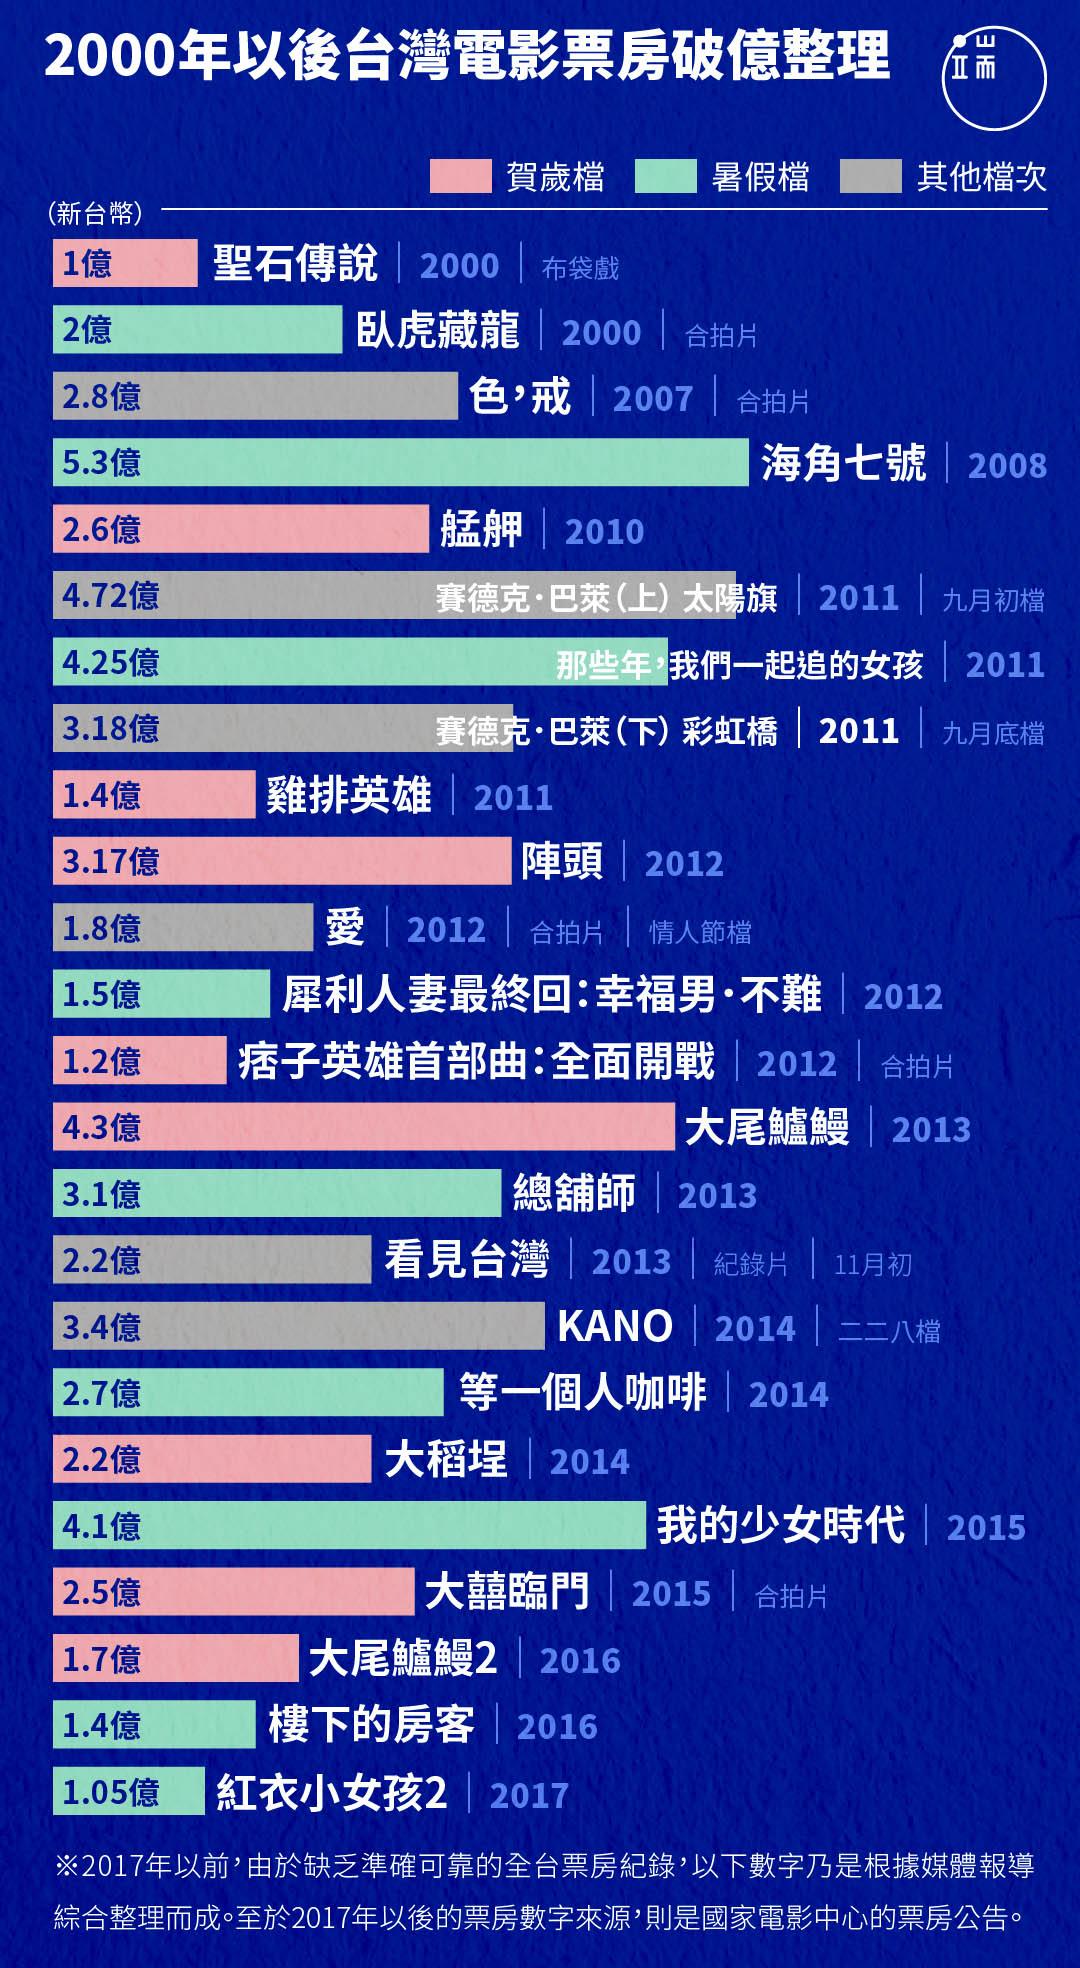 2000年以後台灣電影票房破億整理